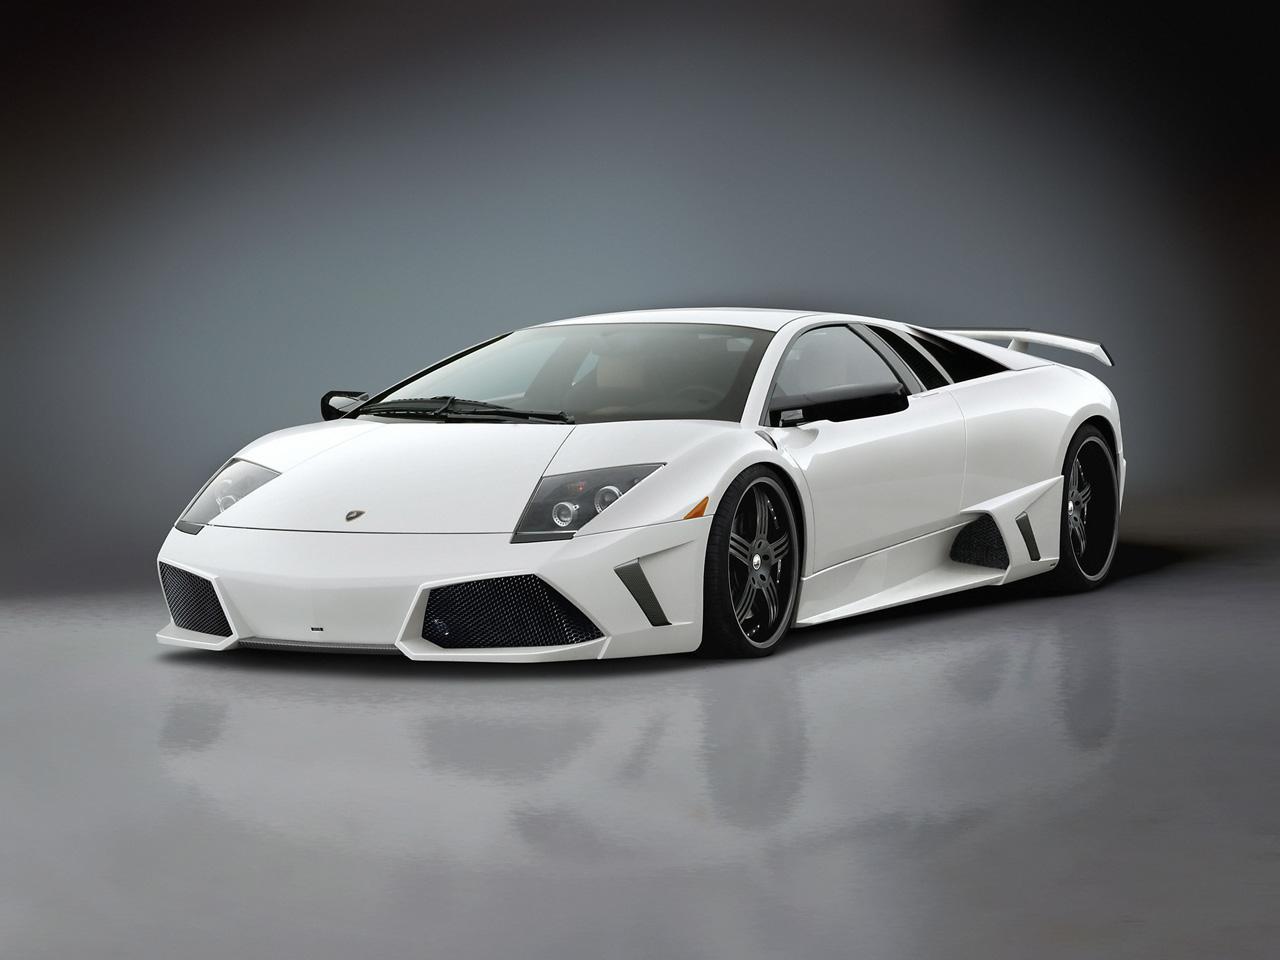 2011 Lamborghini Murcielago-1.bp.blogspot.com